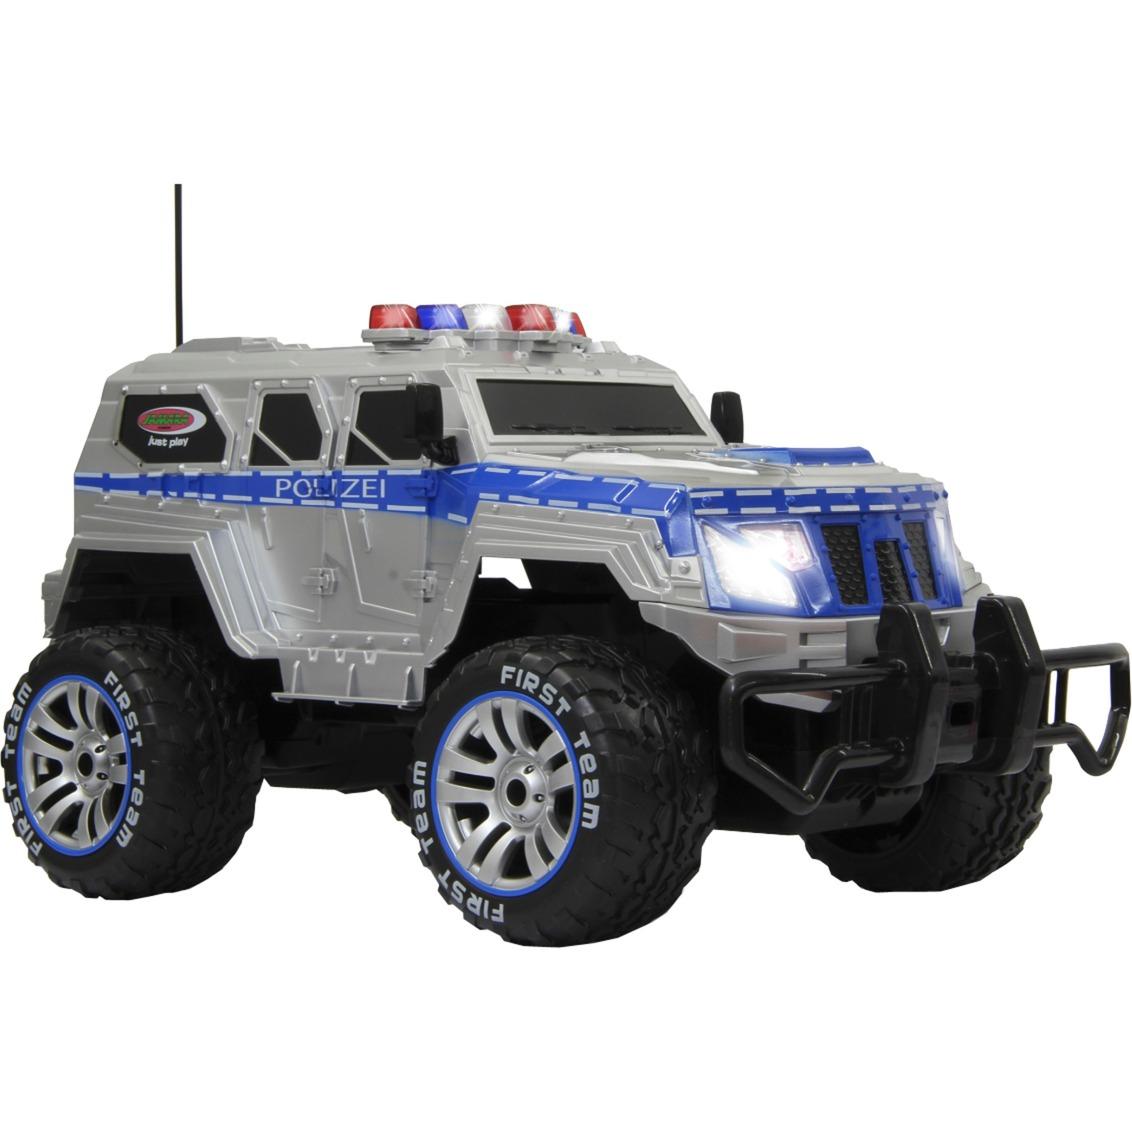 410032 Police car Motor eléctrico 1:12 vehículo de tierra por radio control (RC), Radiocontrol